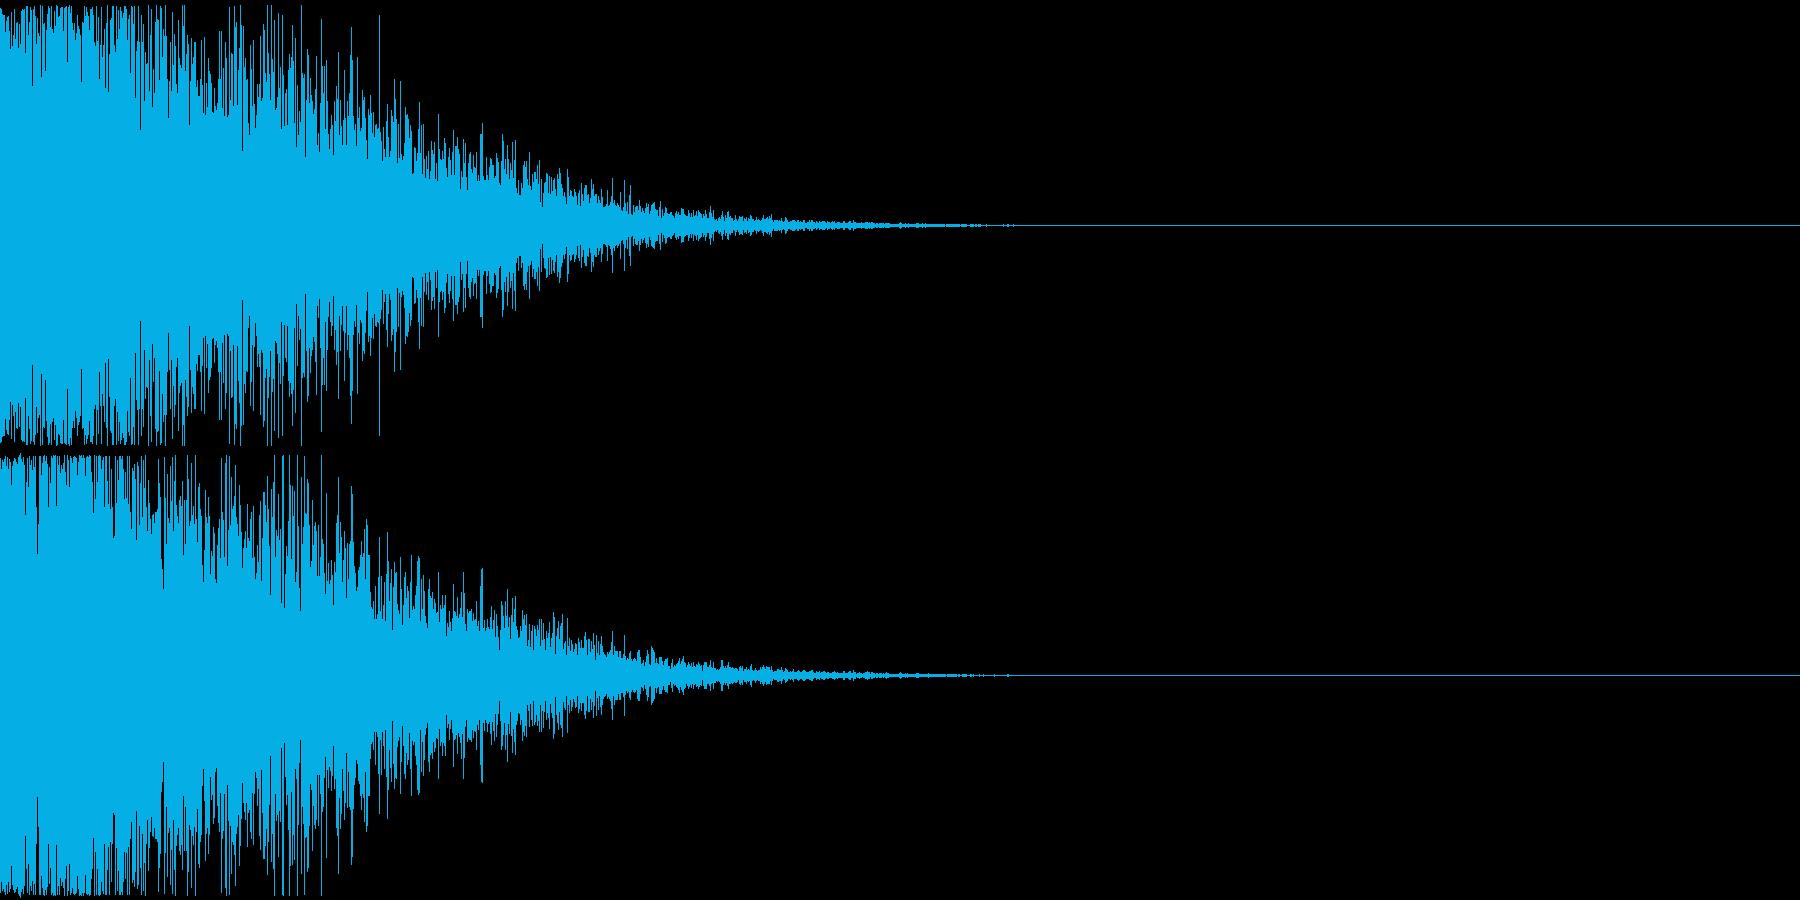 大規模な爆発音の再生済みの波形